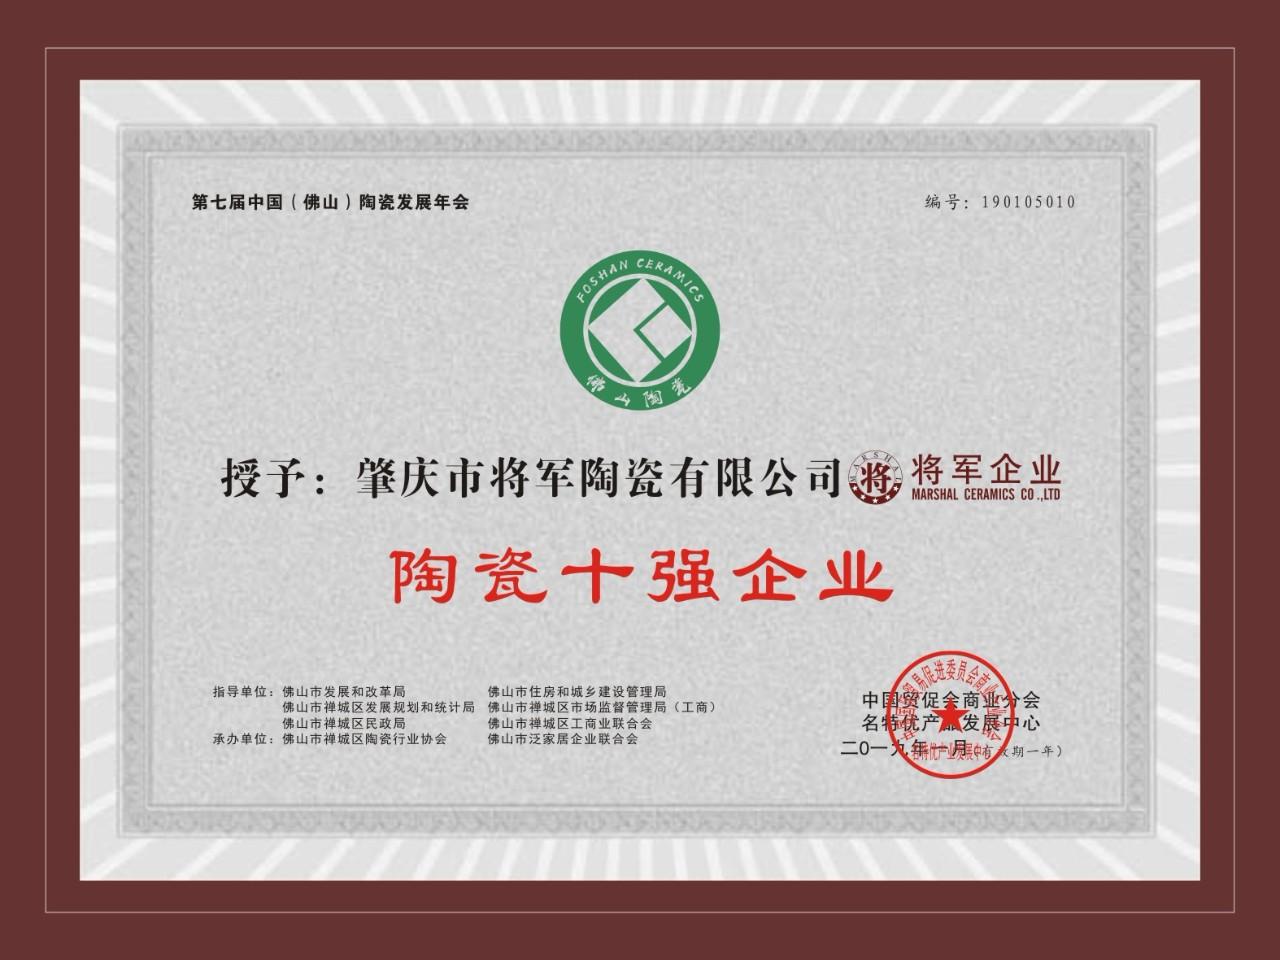 大将军瓷砖 大将军bwinchina注册地址